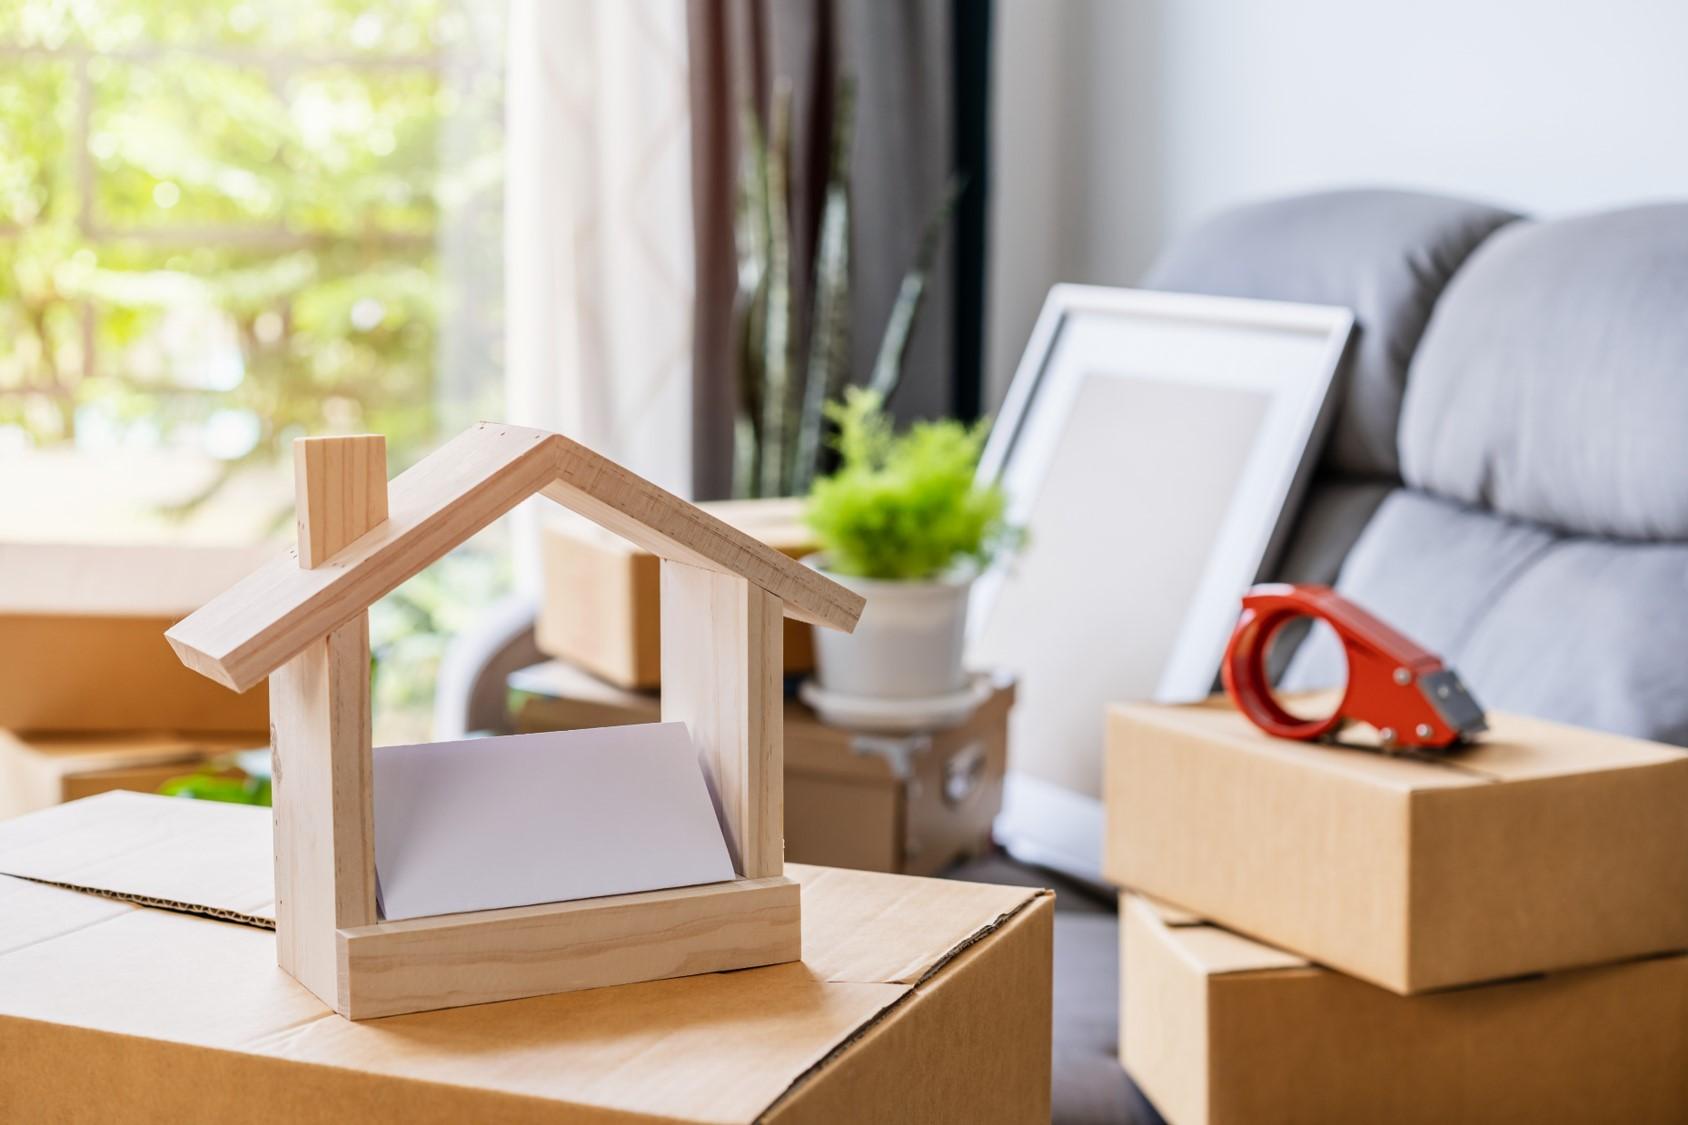 賃貸の住み替え、キャリアとライフスタイルで柔軟に(日経電子版)